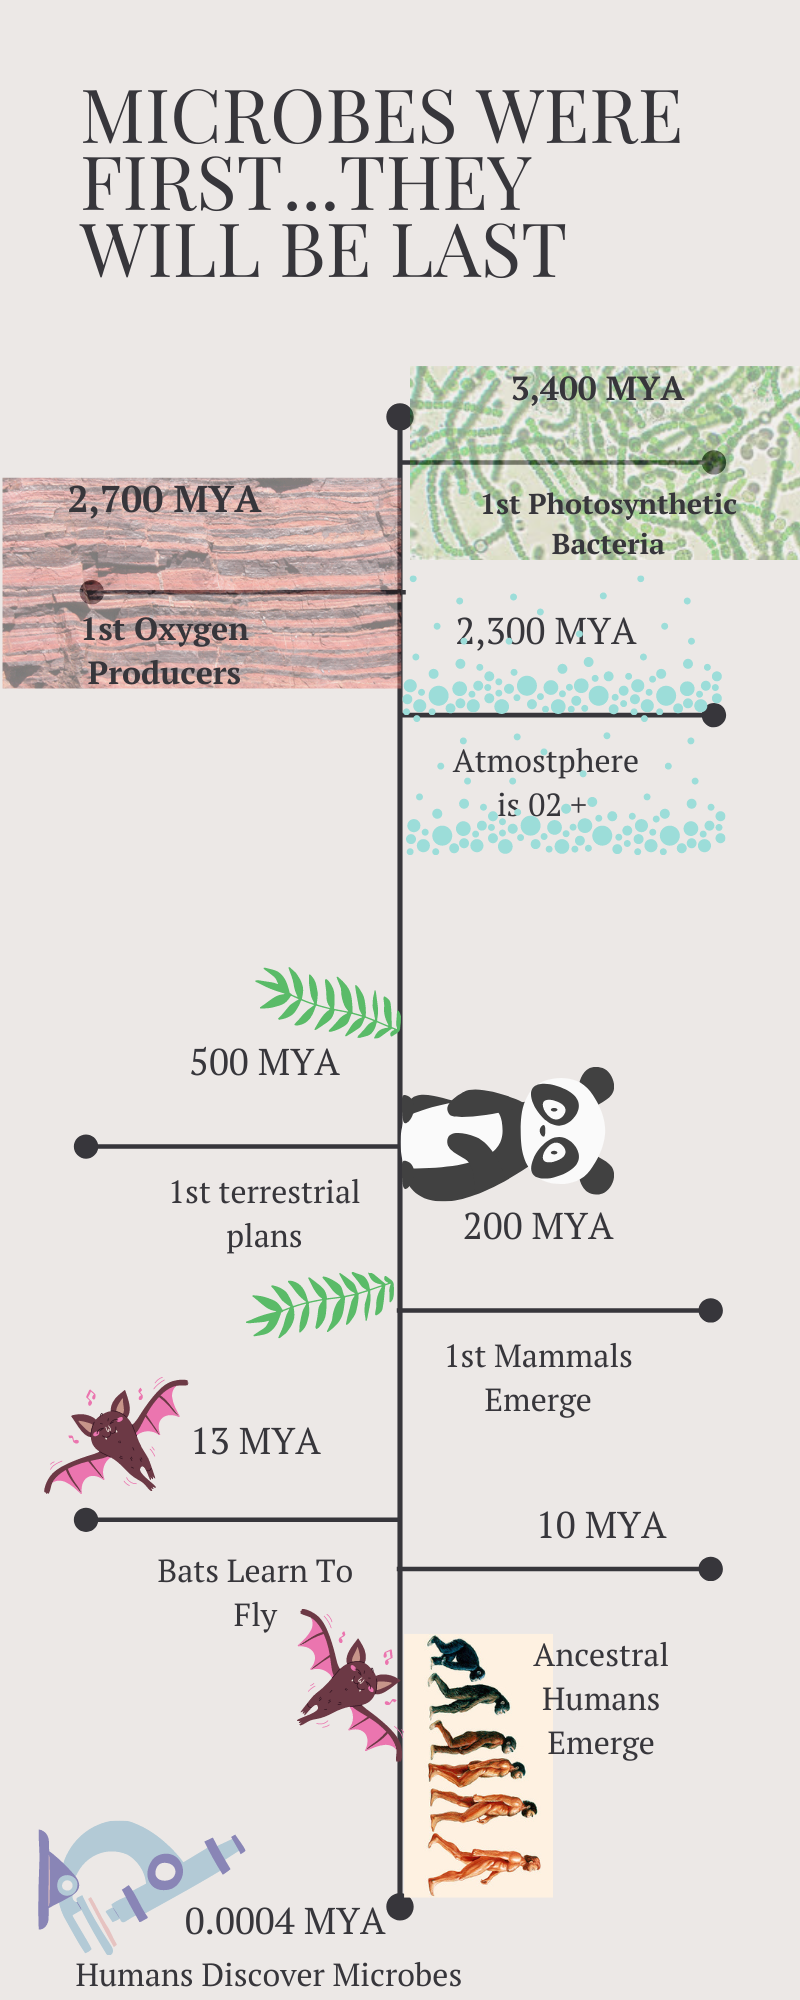 Origins of Life Timeline